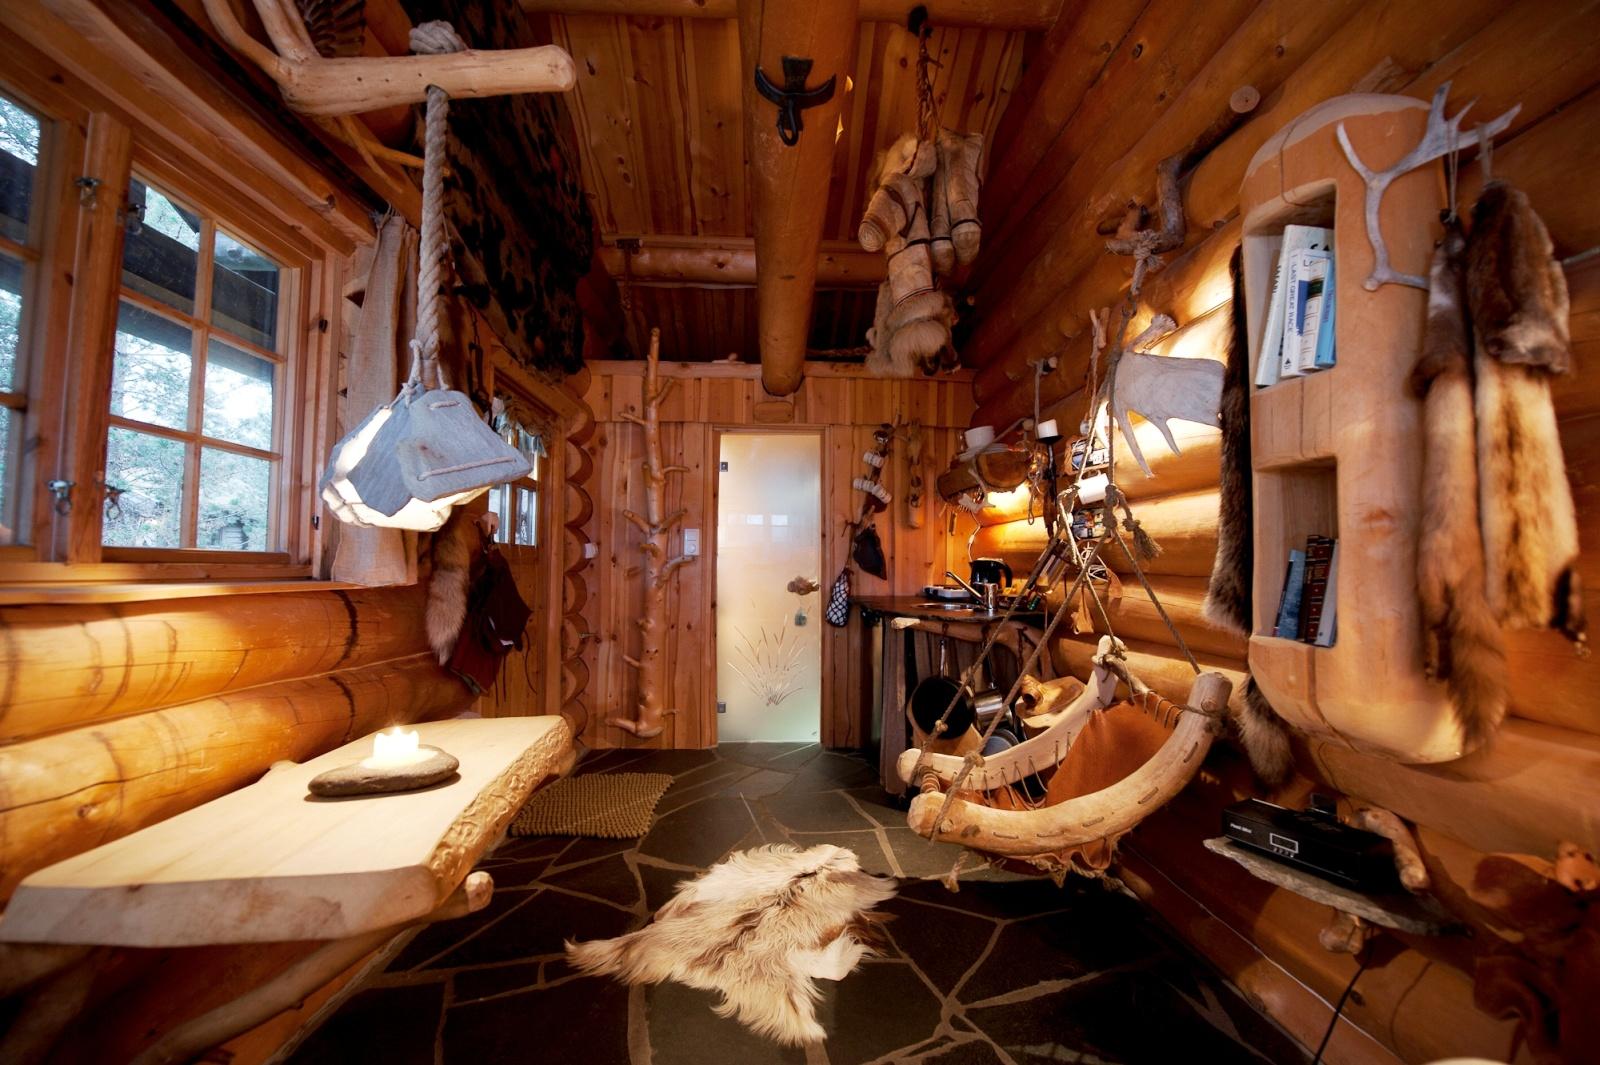 Великолепный отель engholm husky design lodge для активного .